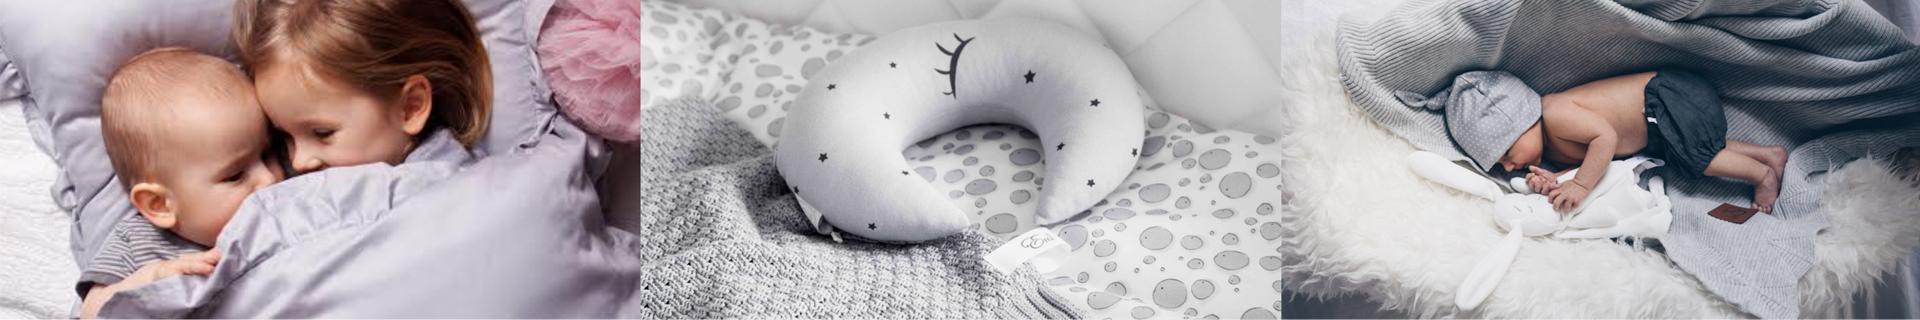 Pościel dla dzieci z wypełnieniem - My Sweet Room - Meble dziecięce